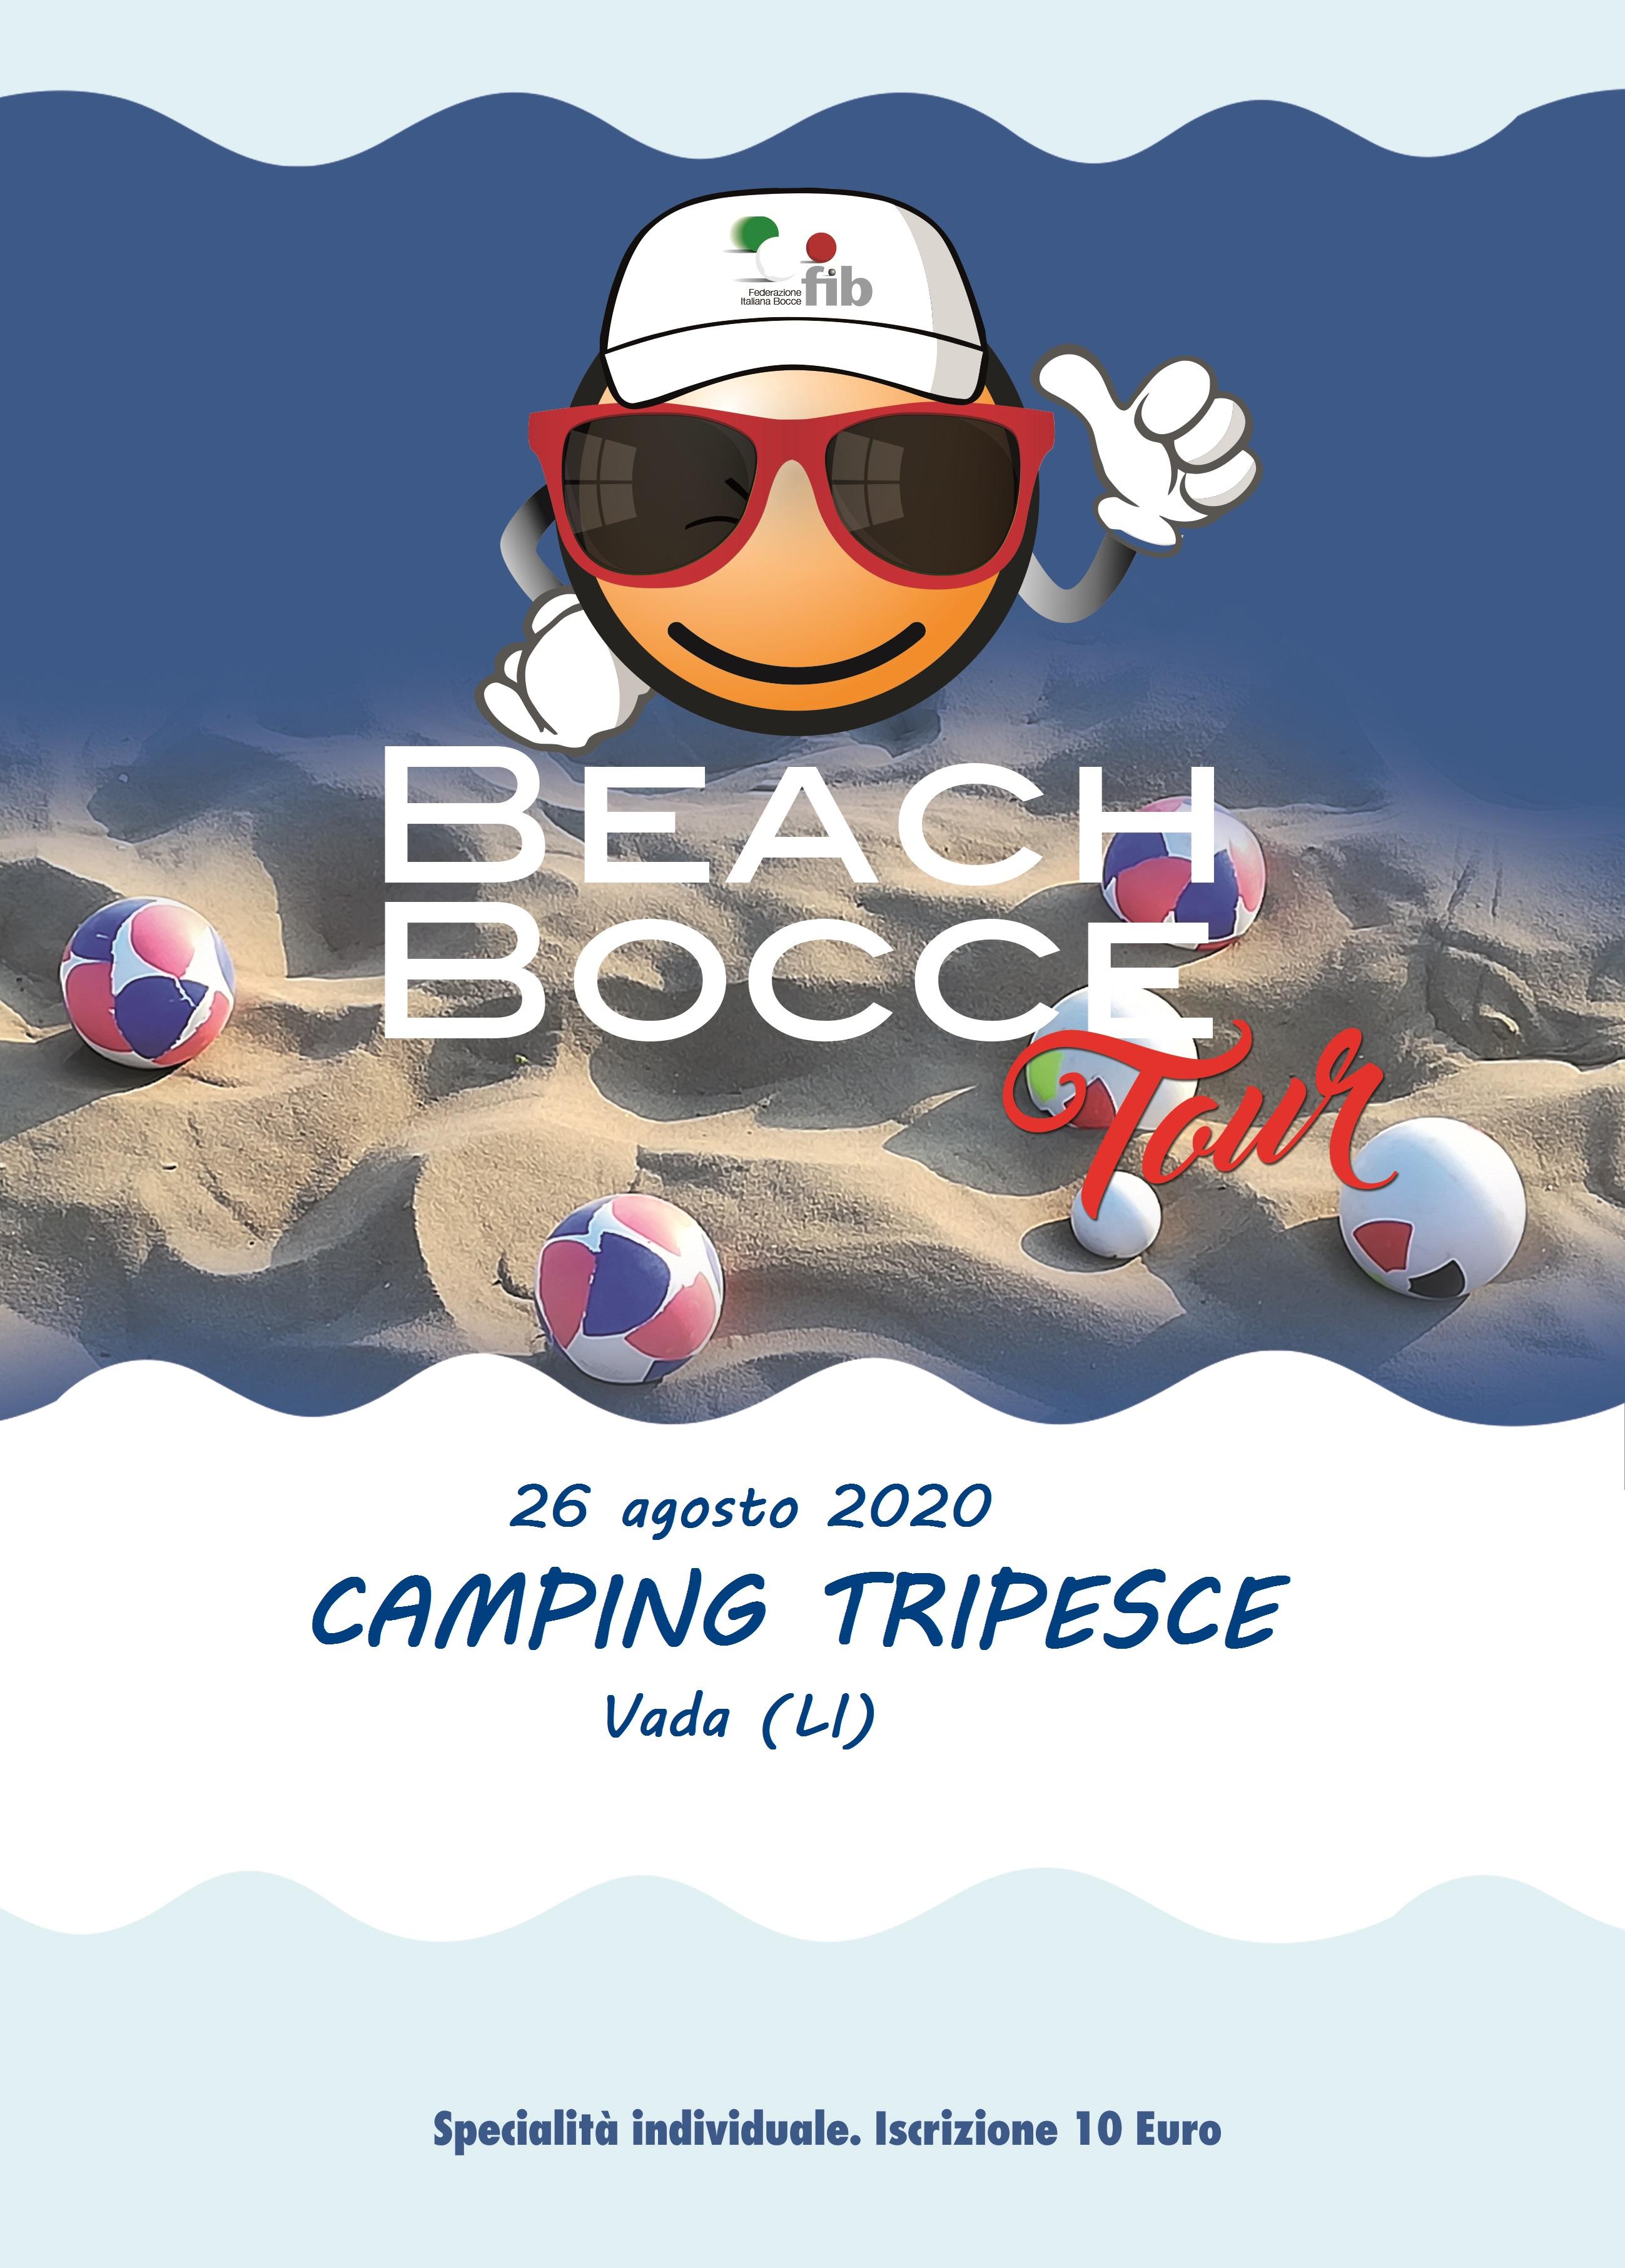 Beach Bocce 2020 Tripesce 26 08 20